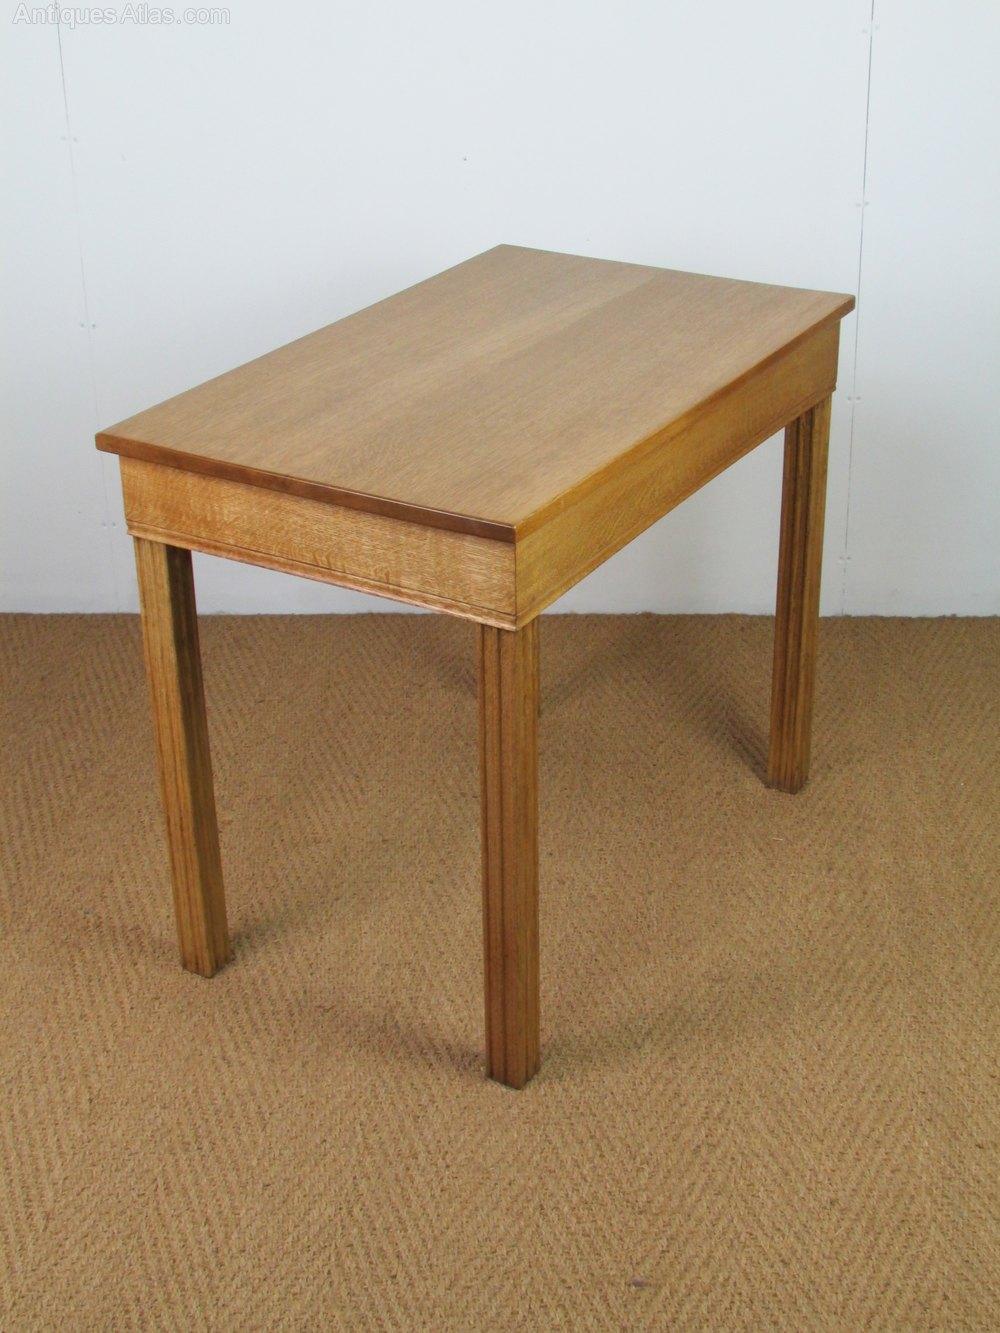 Gordon Russell Coffee Table Gordon Russell Cotswold School Oak Side Table Antiques Atlas